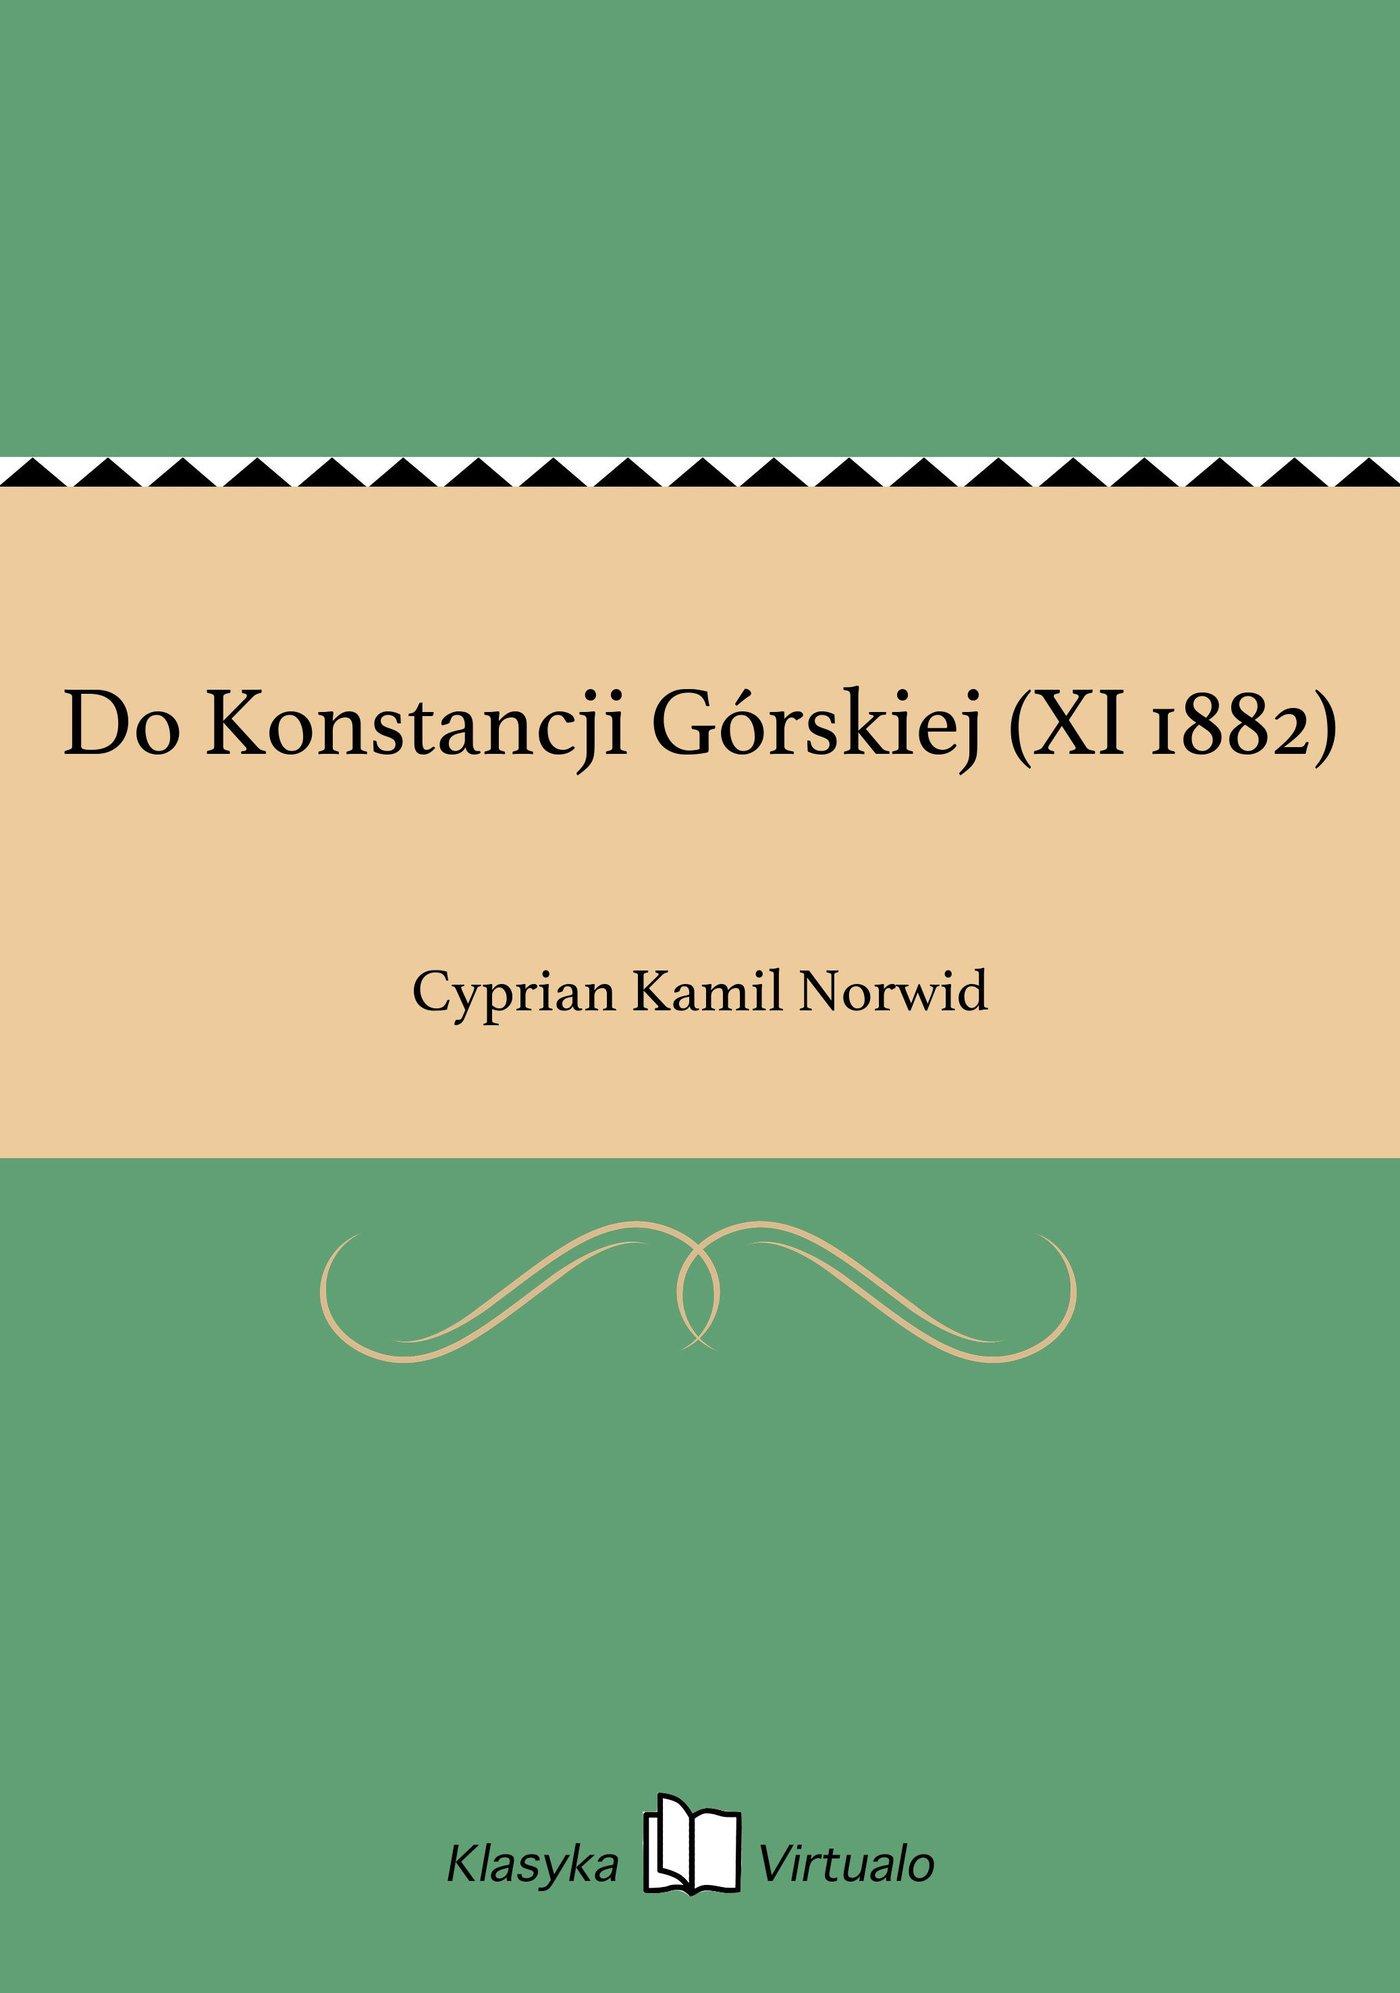 Do Konstancji Górskiej (XI 1882) - Ebook (Książka EPUB) do pobrania w formacie EPUB